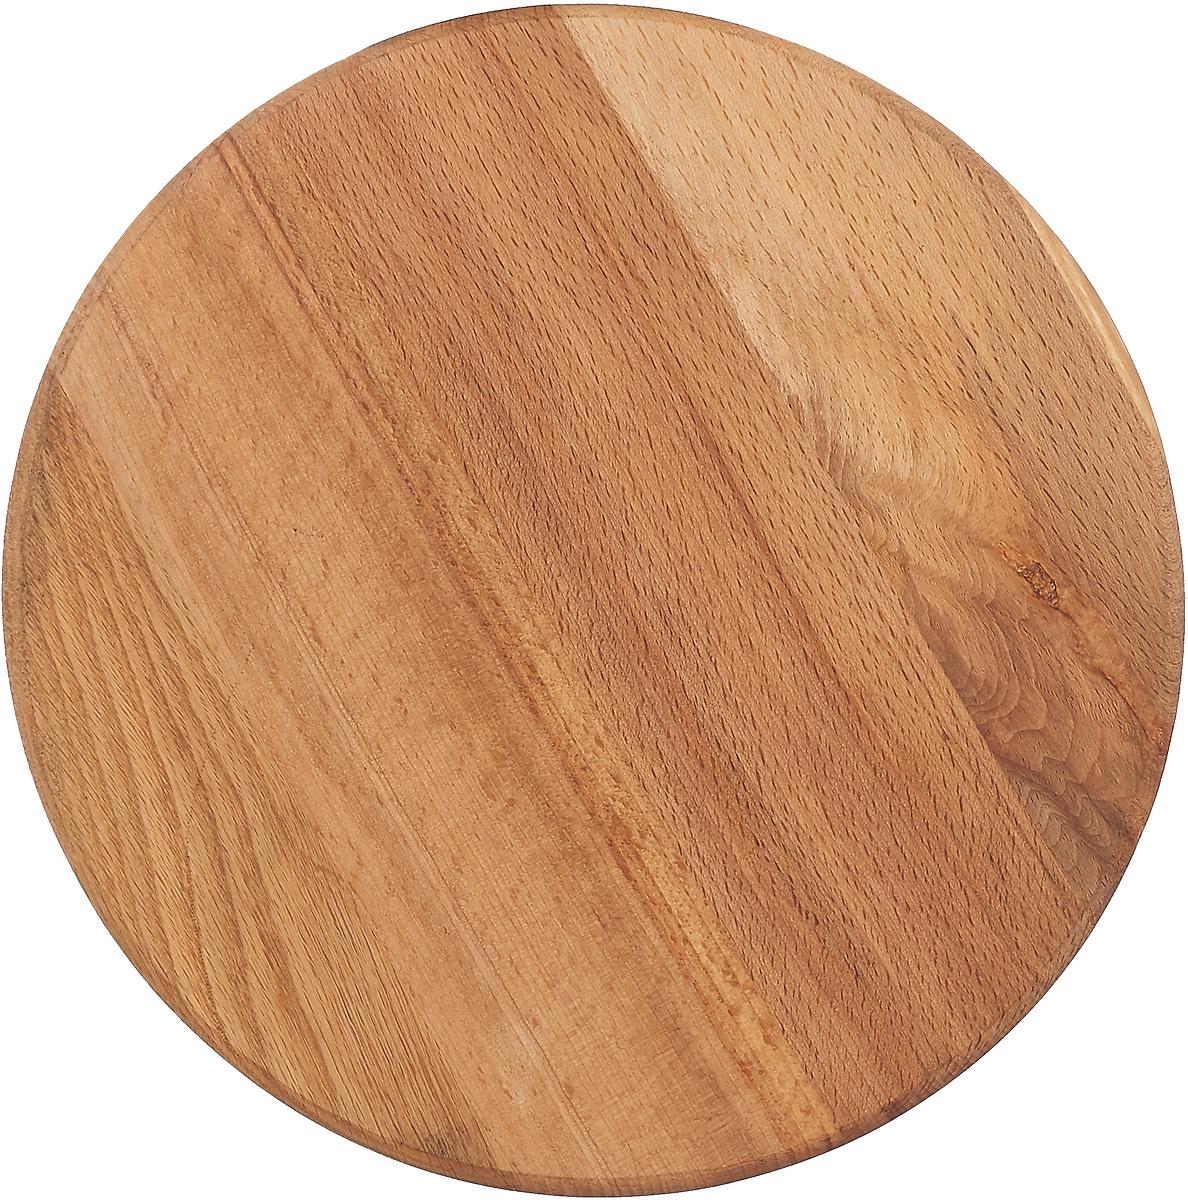 Доска разделочная Mayer & Boch, 21901, светло-коричневый, для пиццы, диаметр 27 см21901Разделочная доска является необходимым атрибутом любой кухни. Разделочные доски из бука отличаются высокой износостойкостью, красивой фактурой дерева, влагоустойчивостью. Уход за разделочными досками из бука несложен чтобы они не впитывали неприятные запахи, после использования их необходимо помыть в горячей воде, а затем тщательно вытереть. Можно хранить в подвешенном состоянии. Прочный материал позволит эксплуатировать доску долгое время, а классический дизайн придется по вкусу многим хозяйкам.